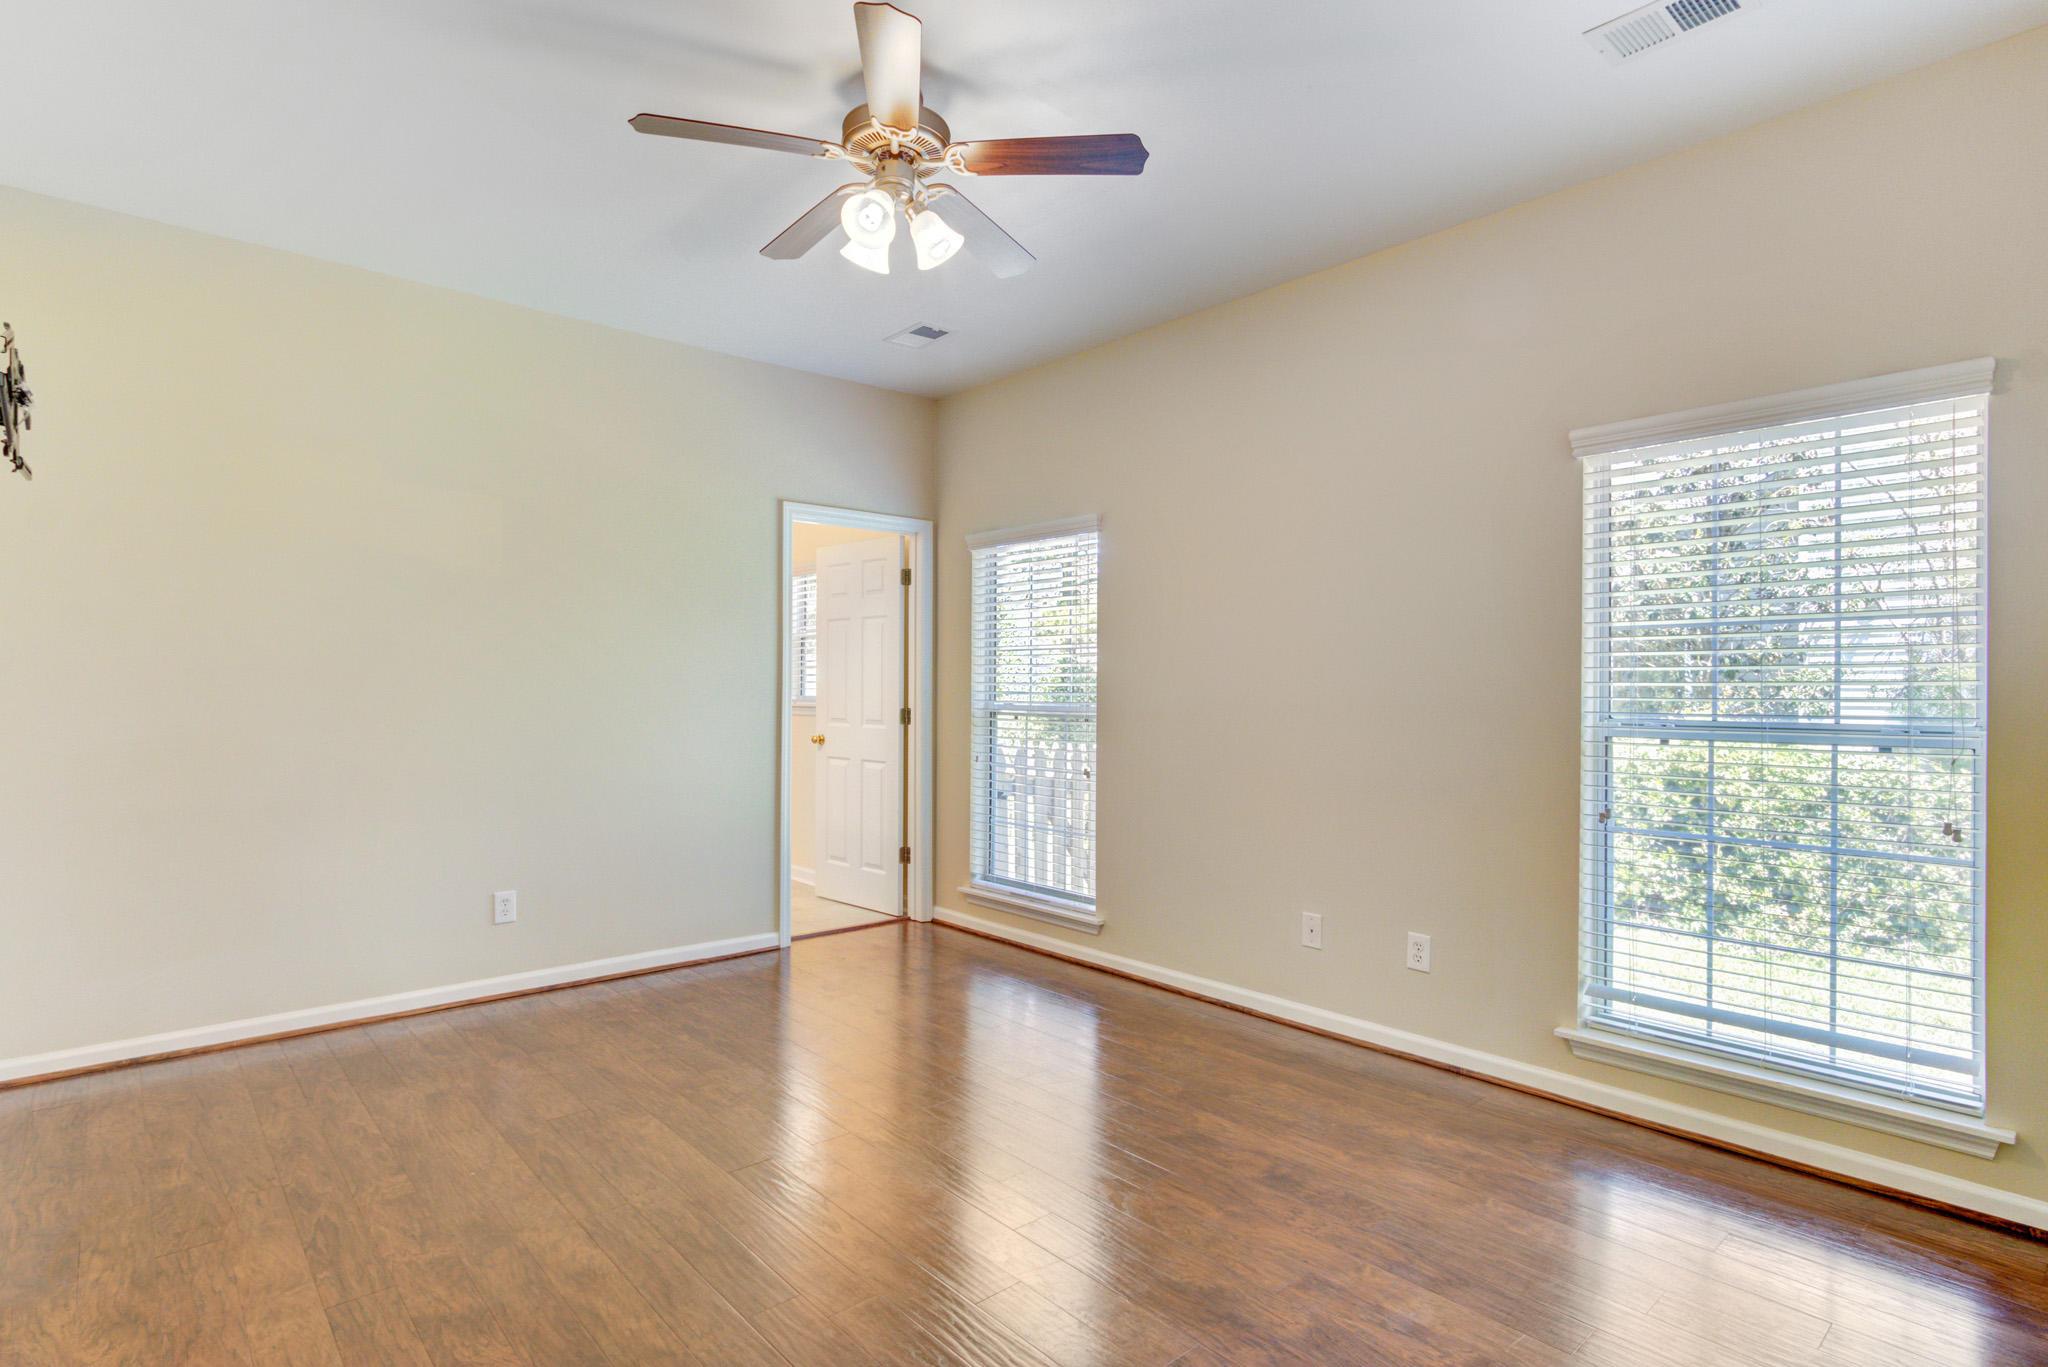 Dunes West Homes For Sale - 1645 Pin Oak Cut, Mount Pleasant, SC - 9